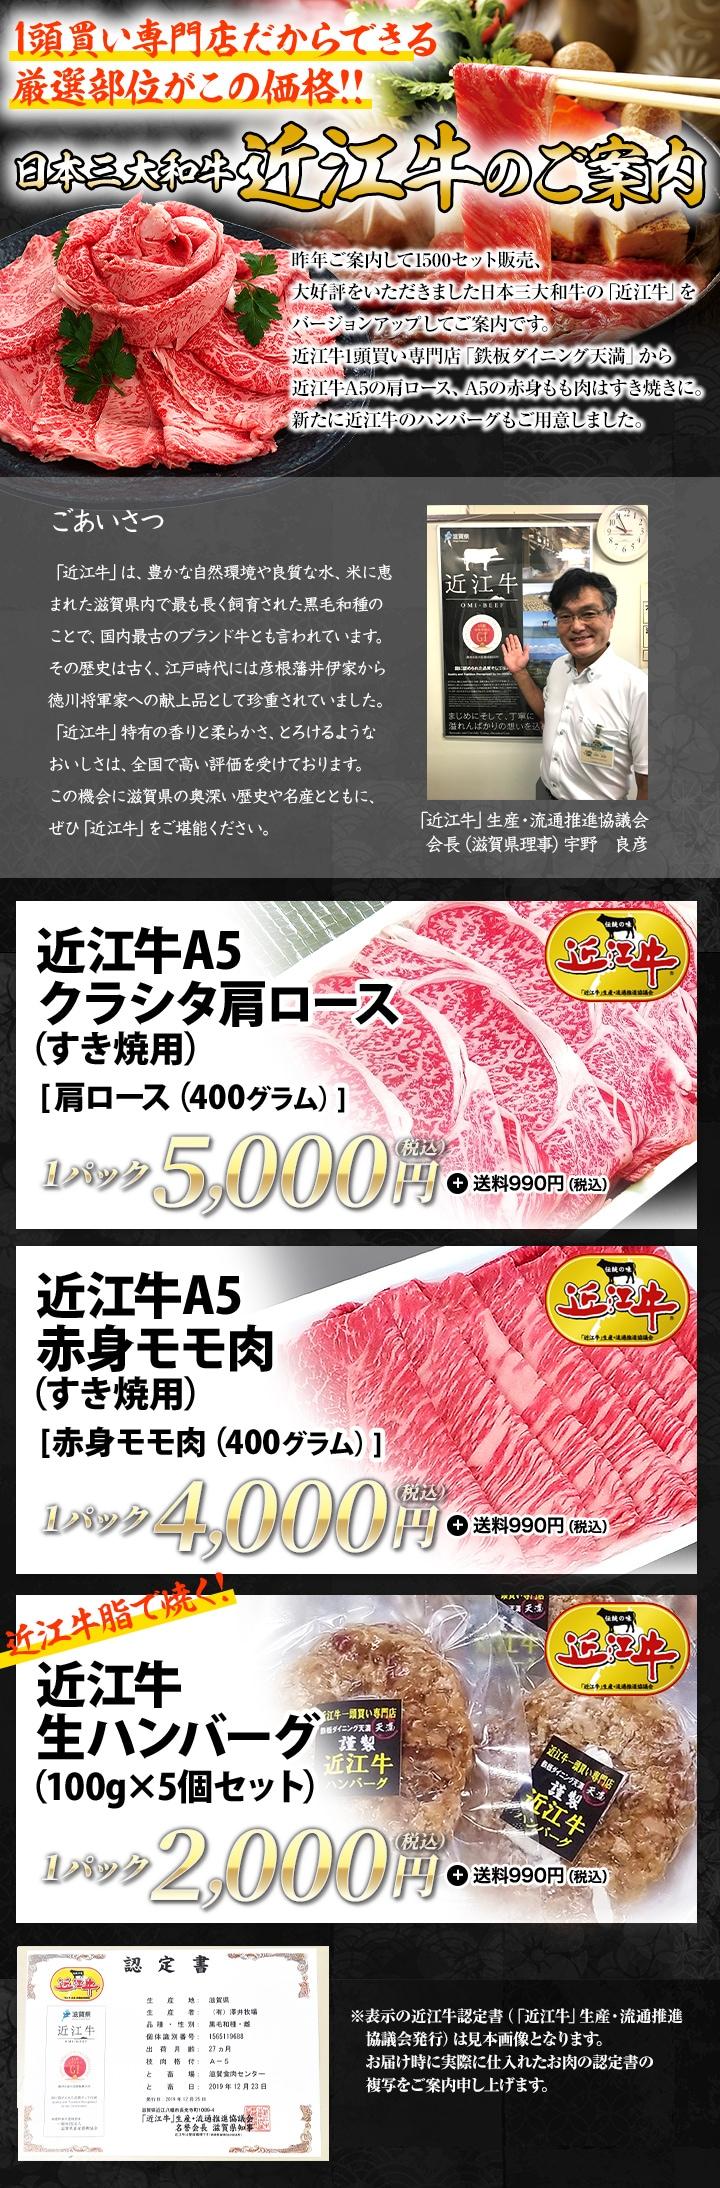 【昨年1500セット販売!人気近江牛】A5肩ロース・A5モモ肉・近江牛ハンバーグ新企画!★送料込★